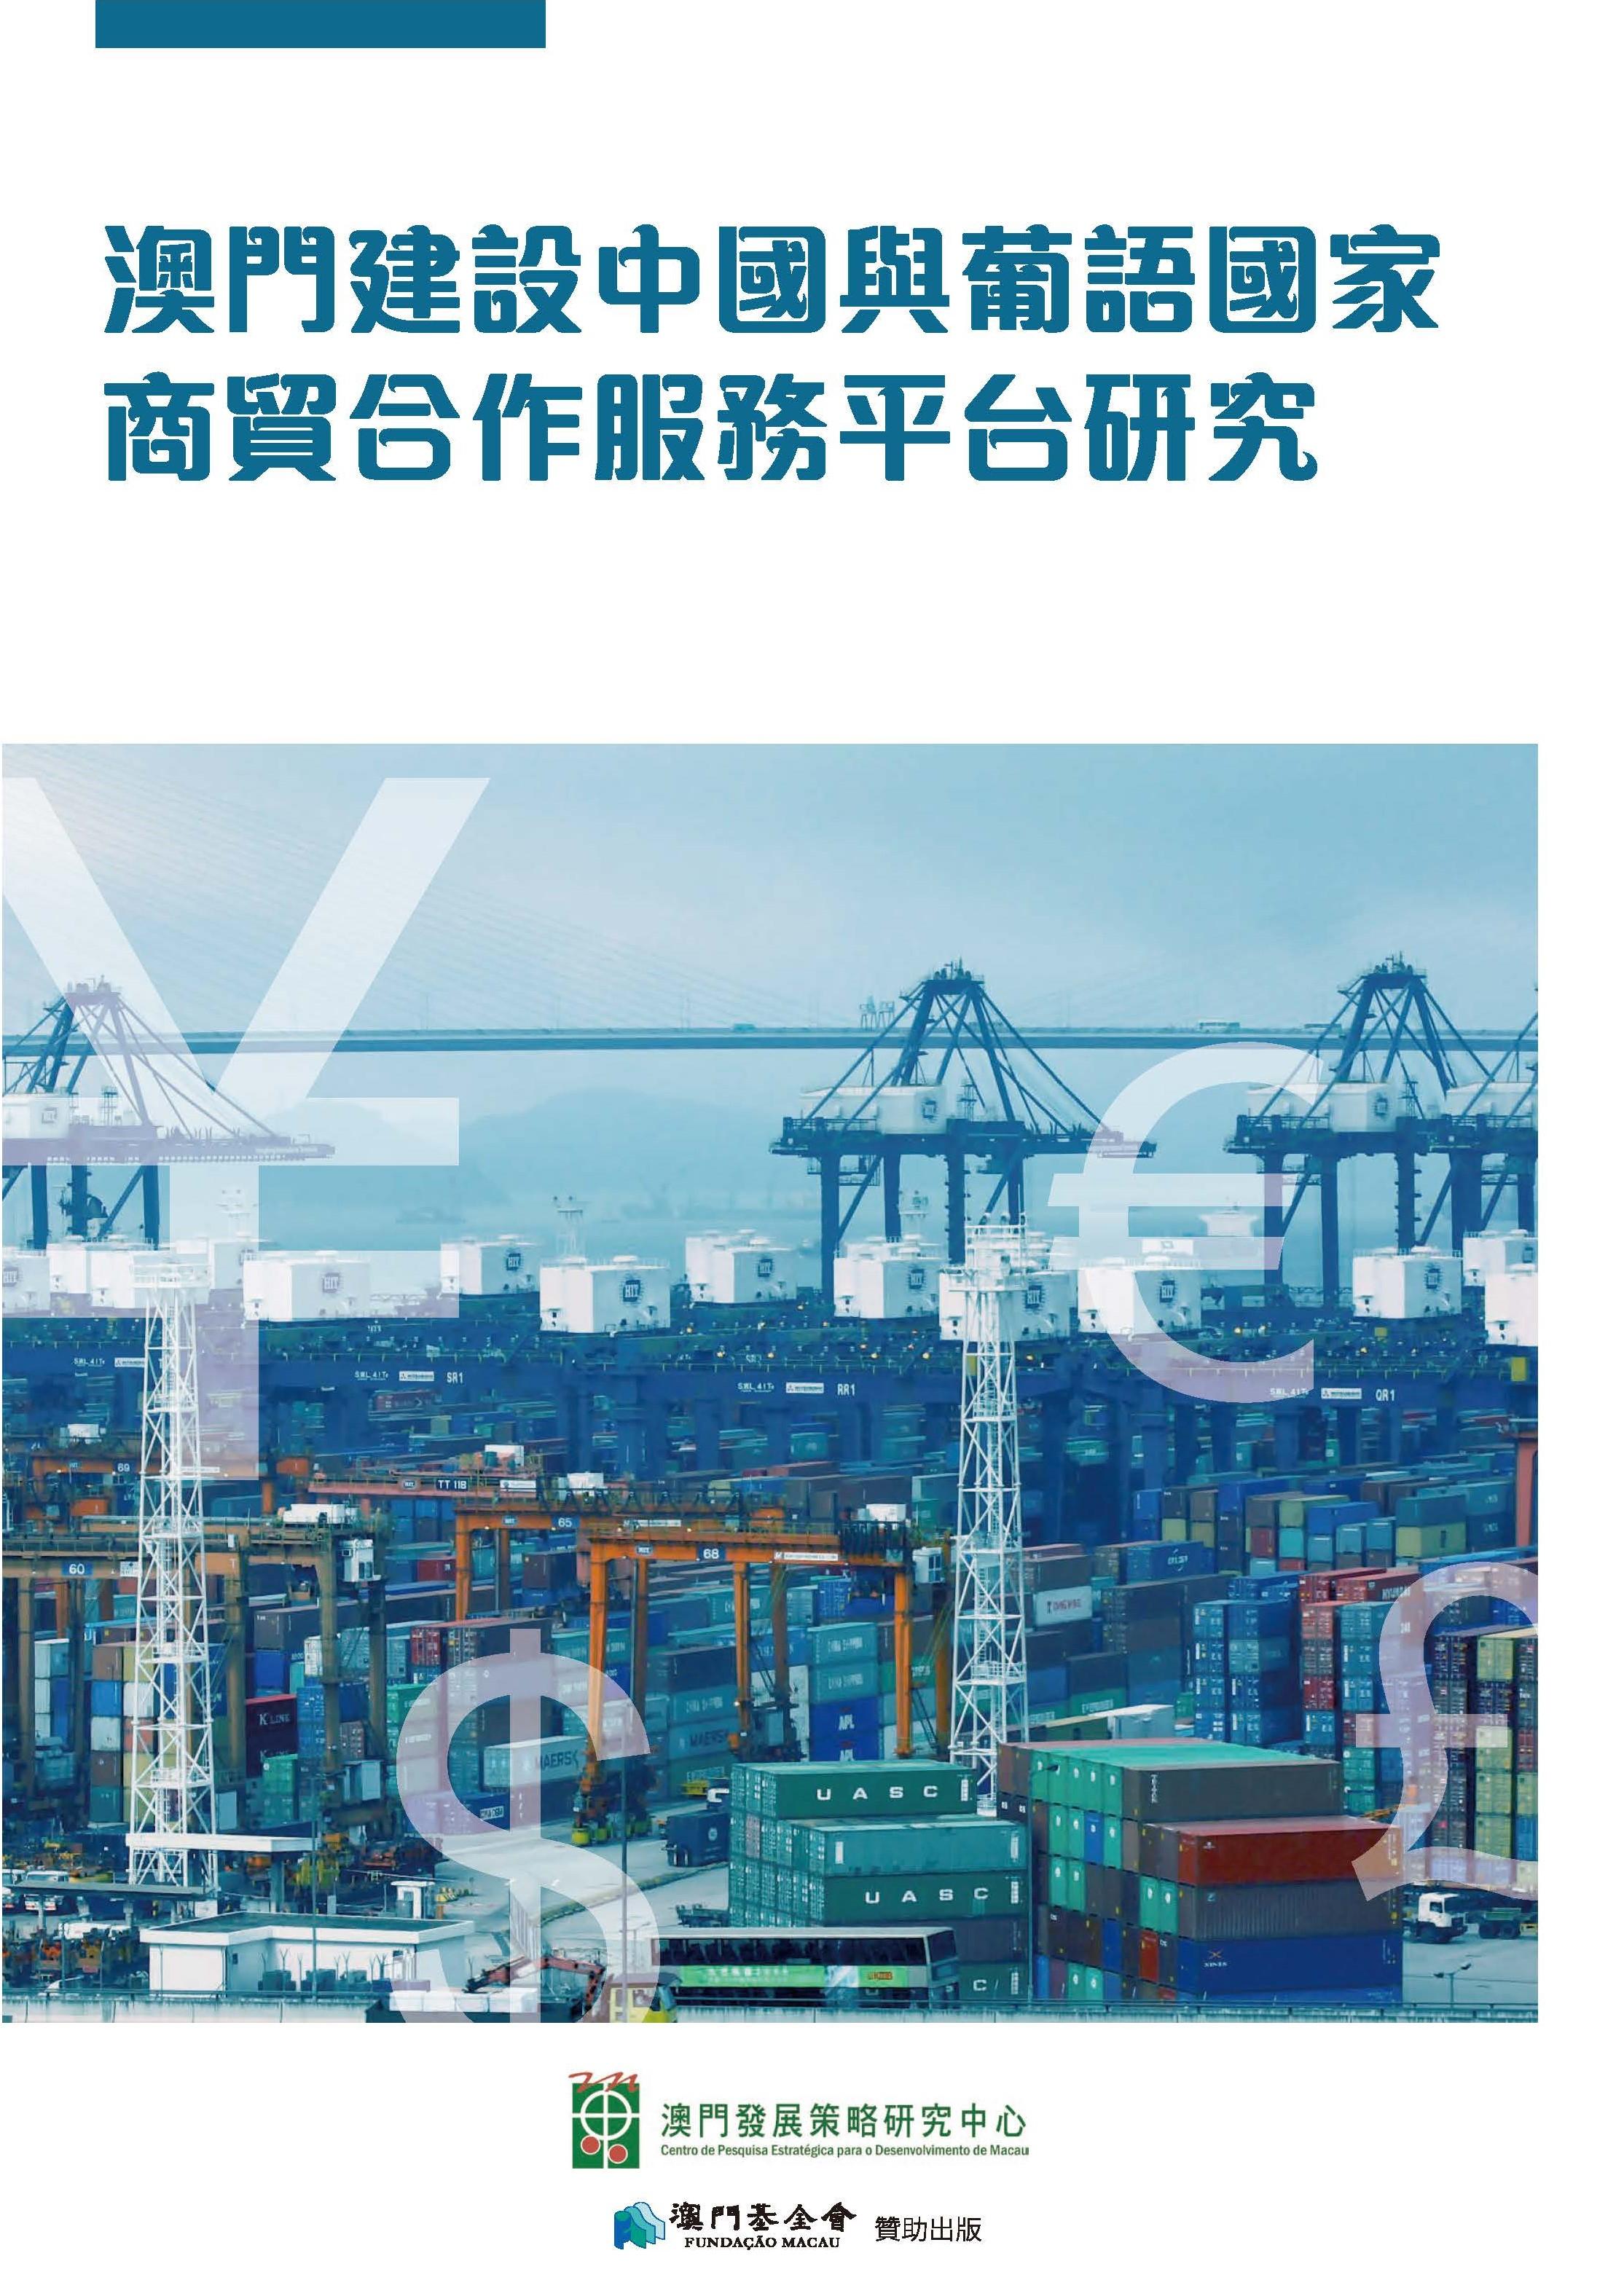 澳門建設中國與葡語國家商貿合作服務平台研究